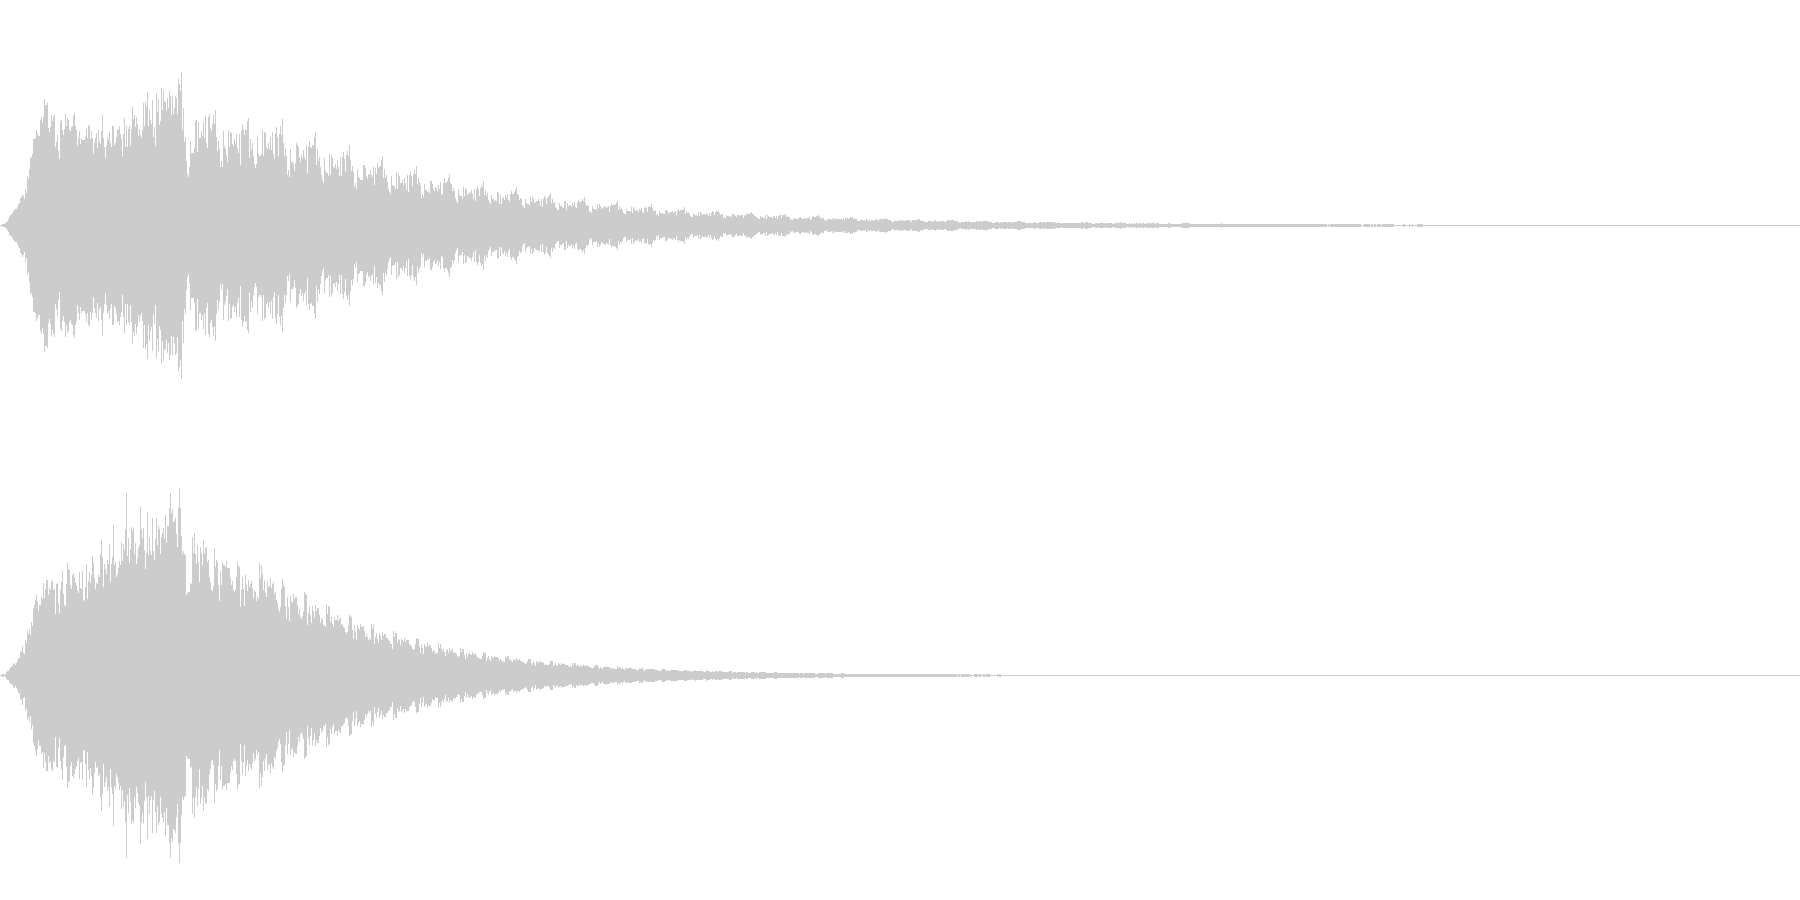 シューン (シリアス,ホラーな雰囲気)の未再生の波形